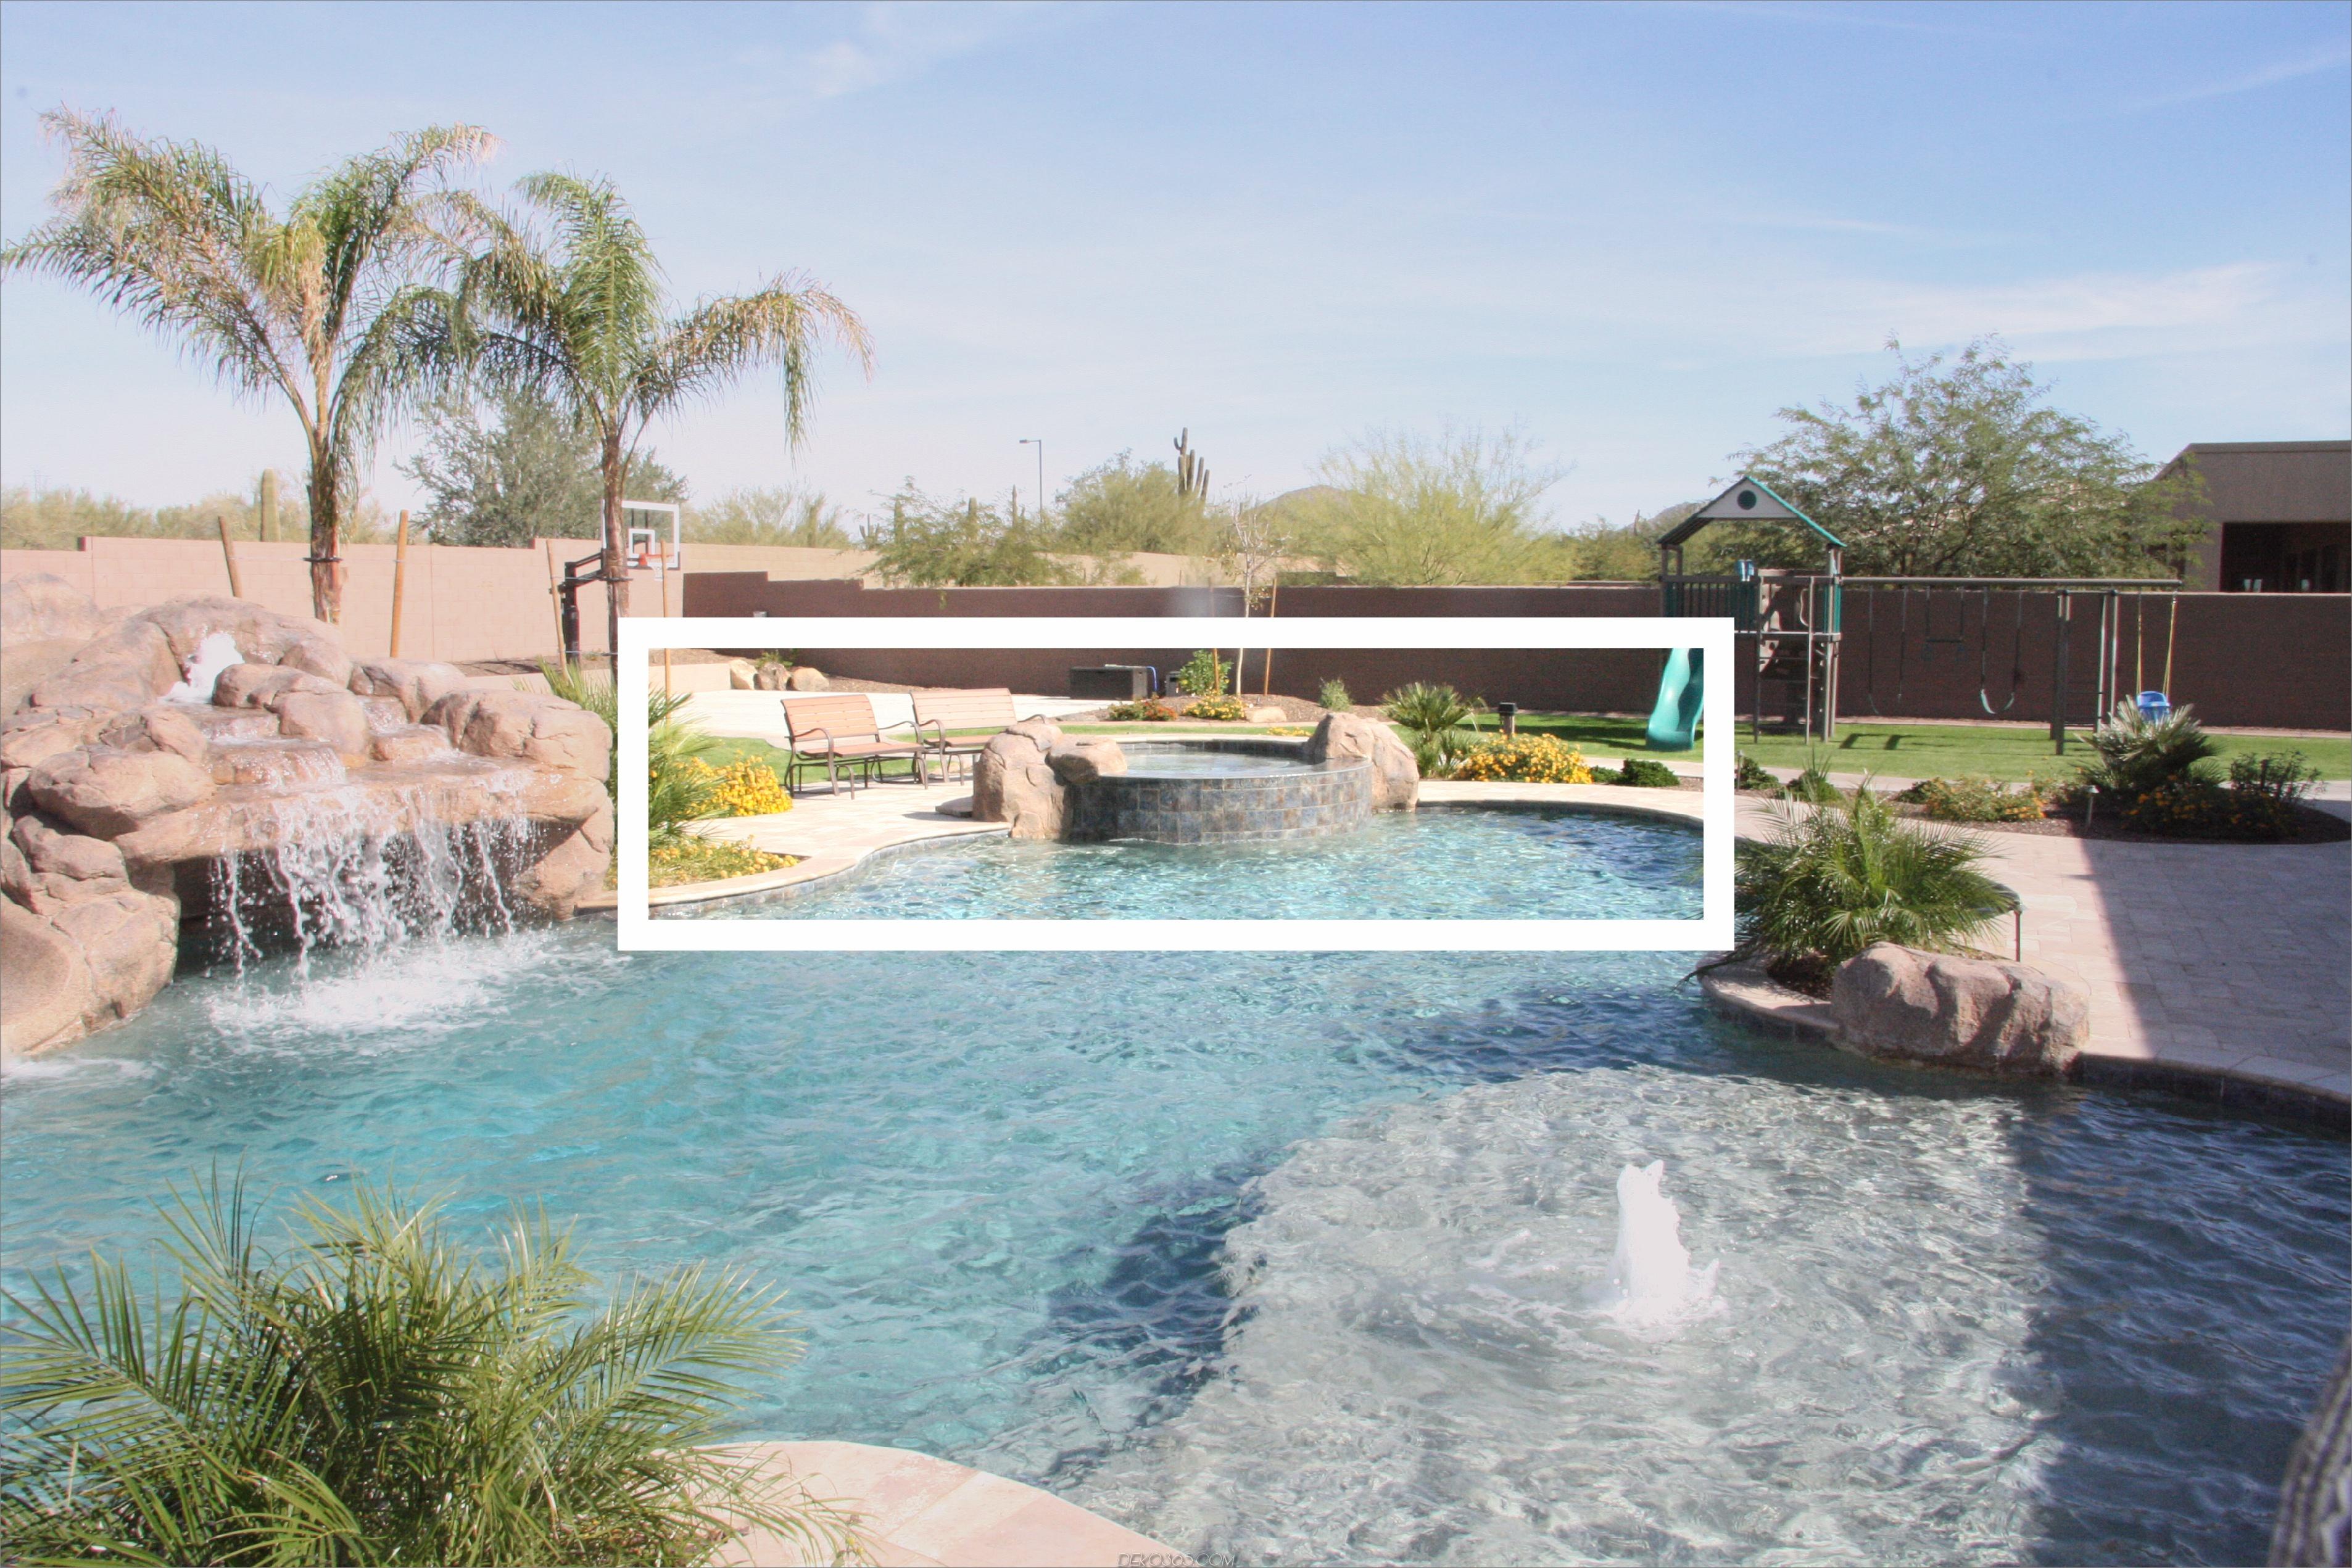 Schwimmbadtrends für das ultimative Staycation zu Hause_5c58ba8fb3c17.jpg